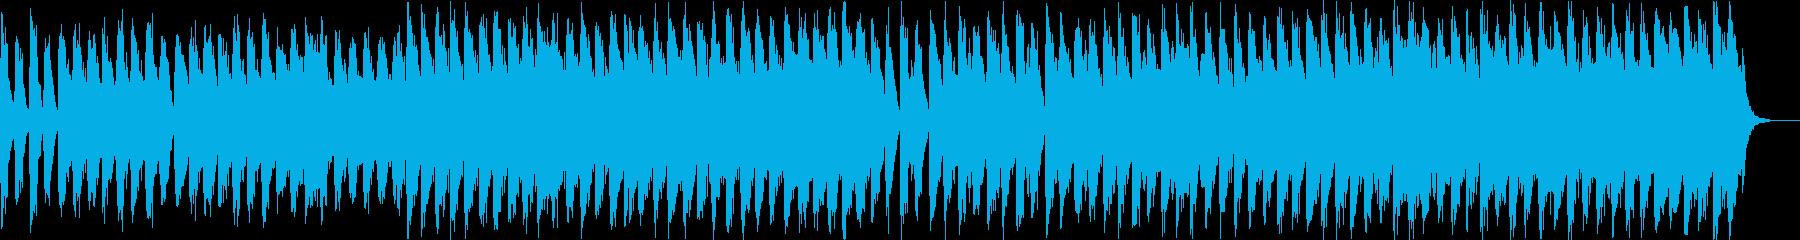 幻想的なワルツをエリックサティ風にしたの再生済みの波形